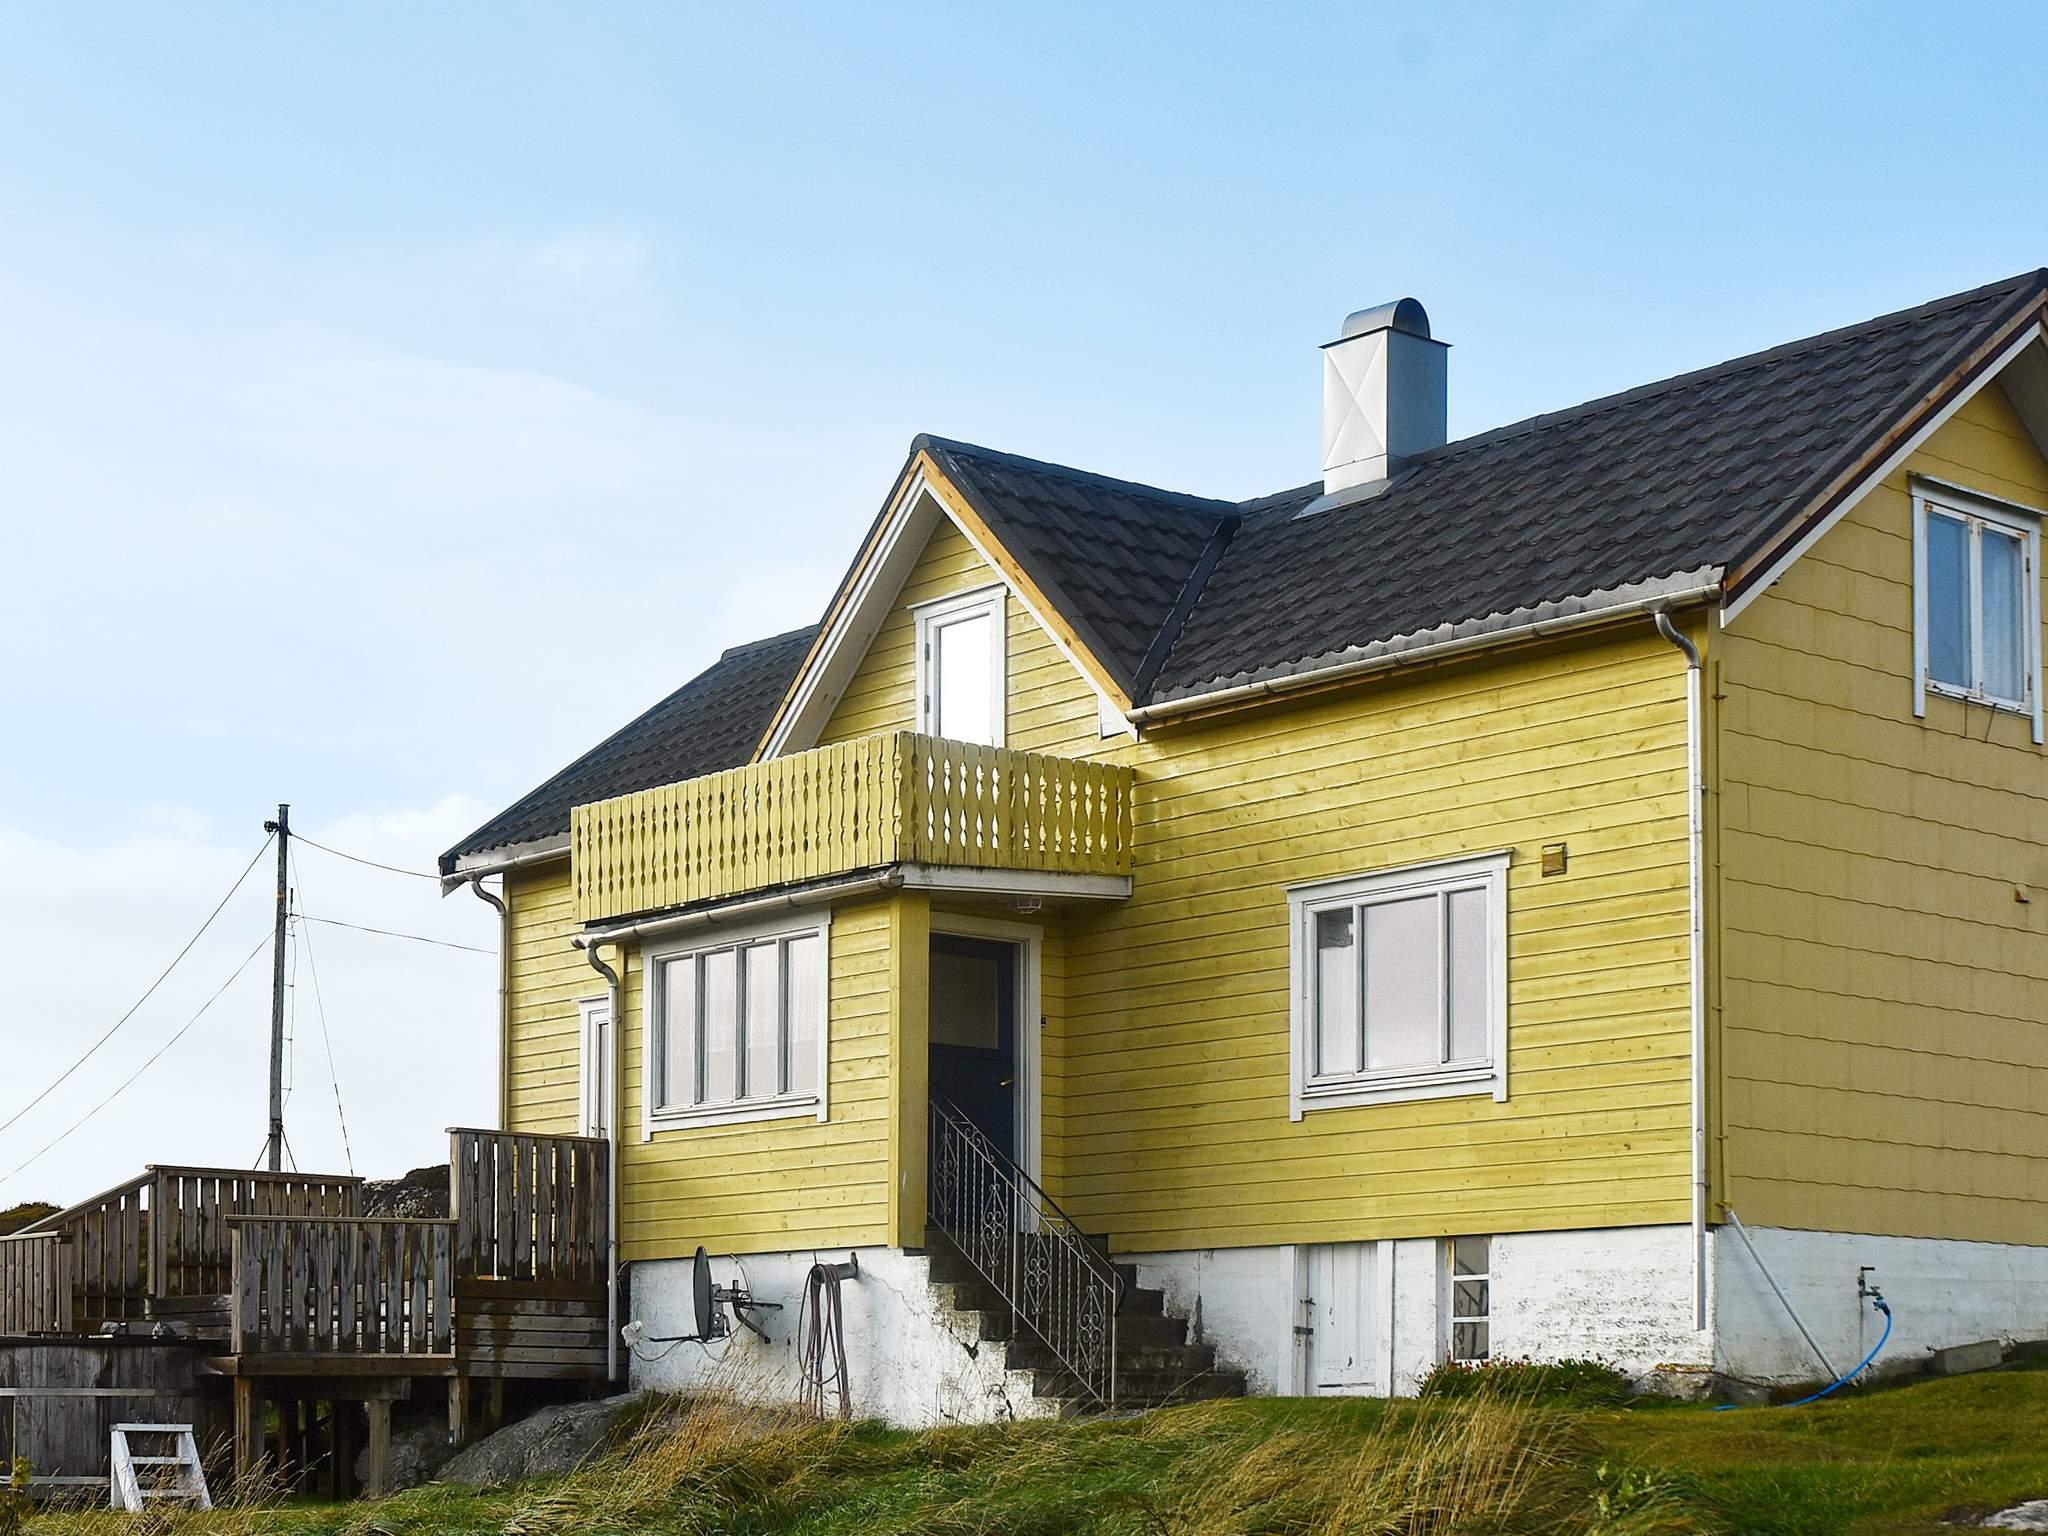 Ferienhaus Titran (705113), Titran, Tröndelag Süd - Trondheimfjord Süd, Mittelnorwegen, Norwegen, Bild 19